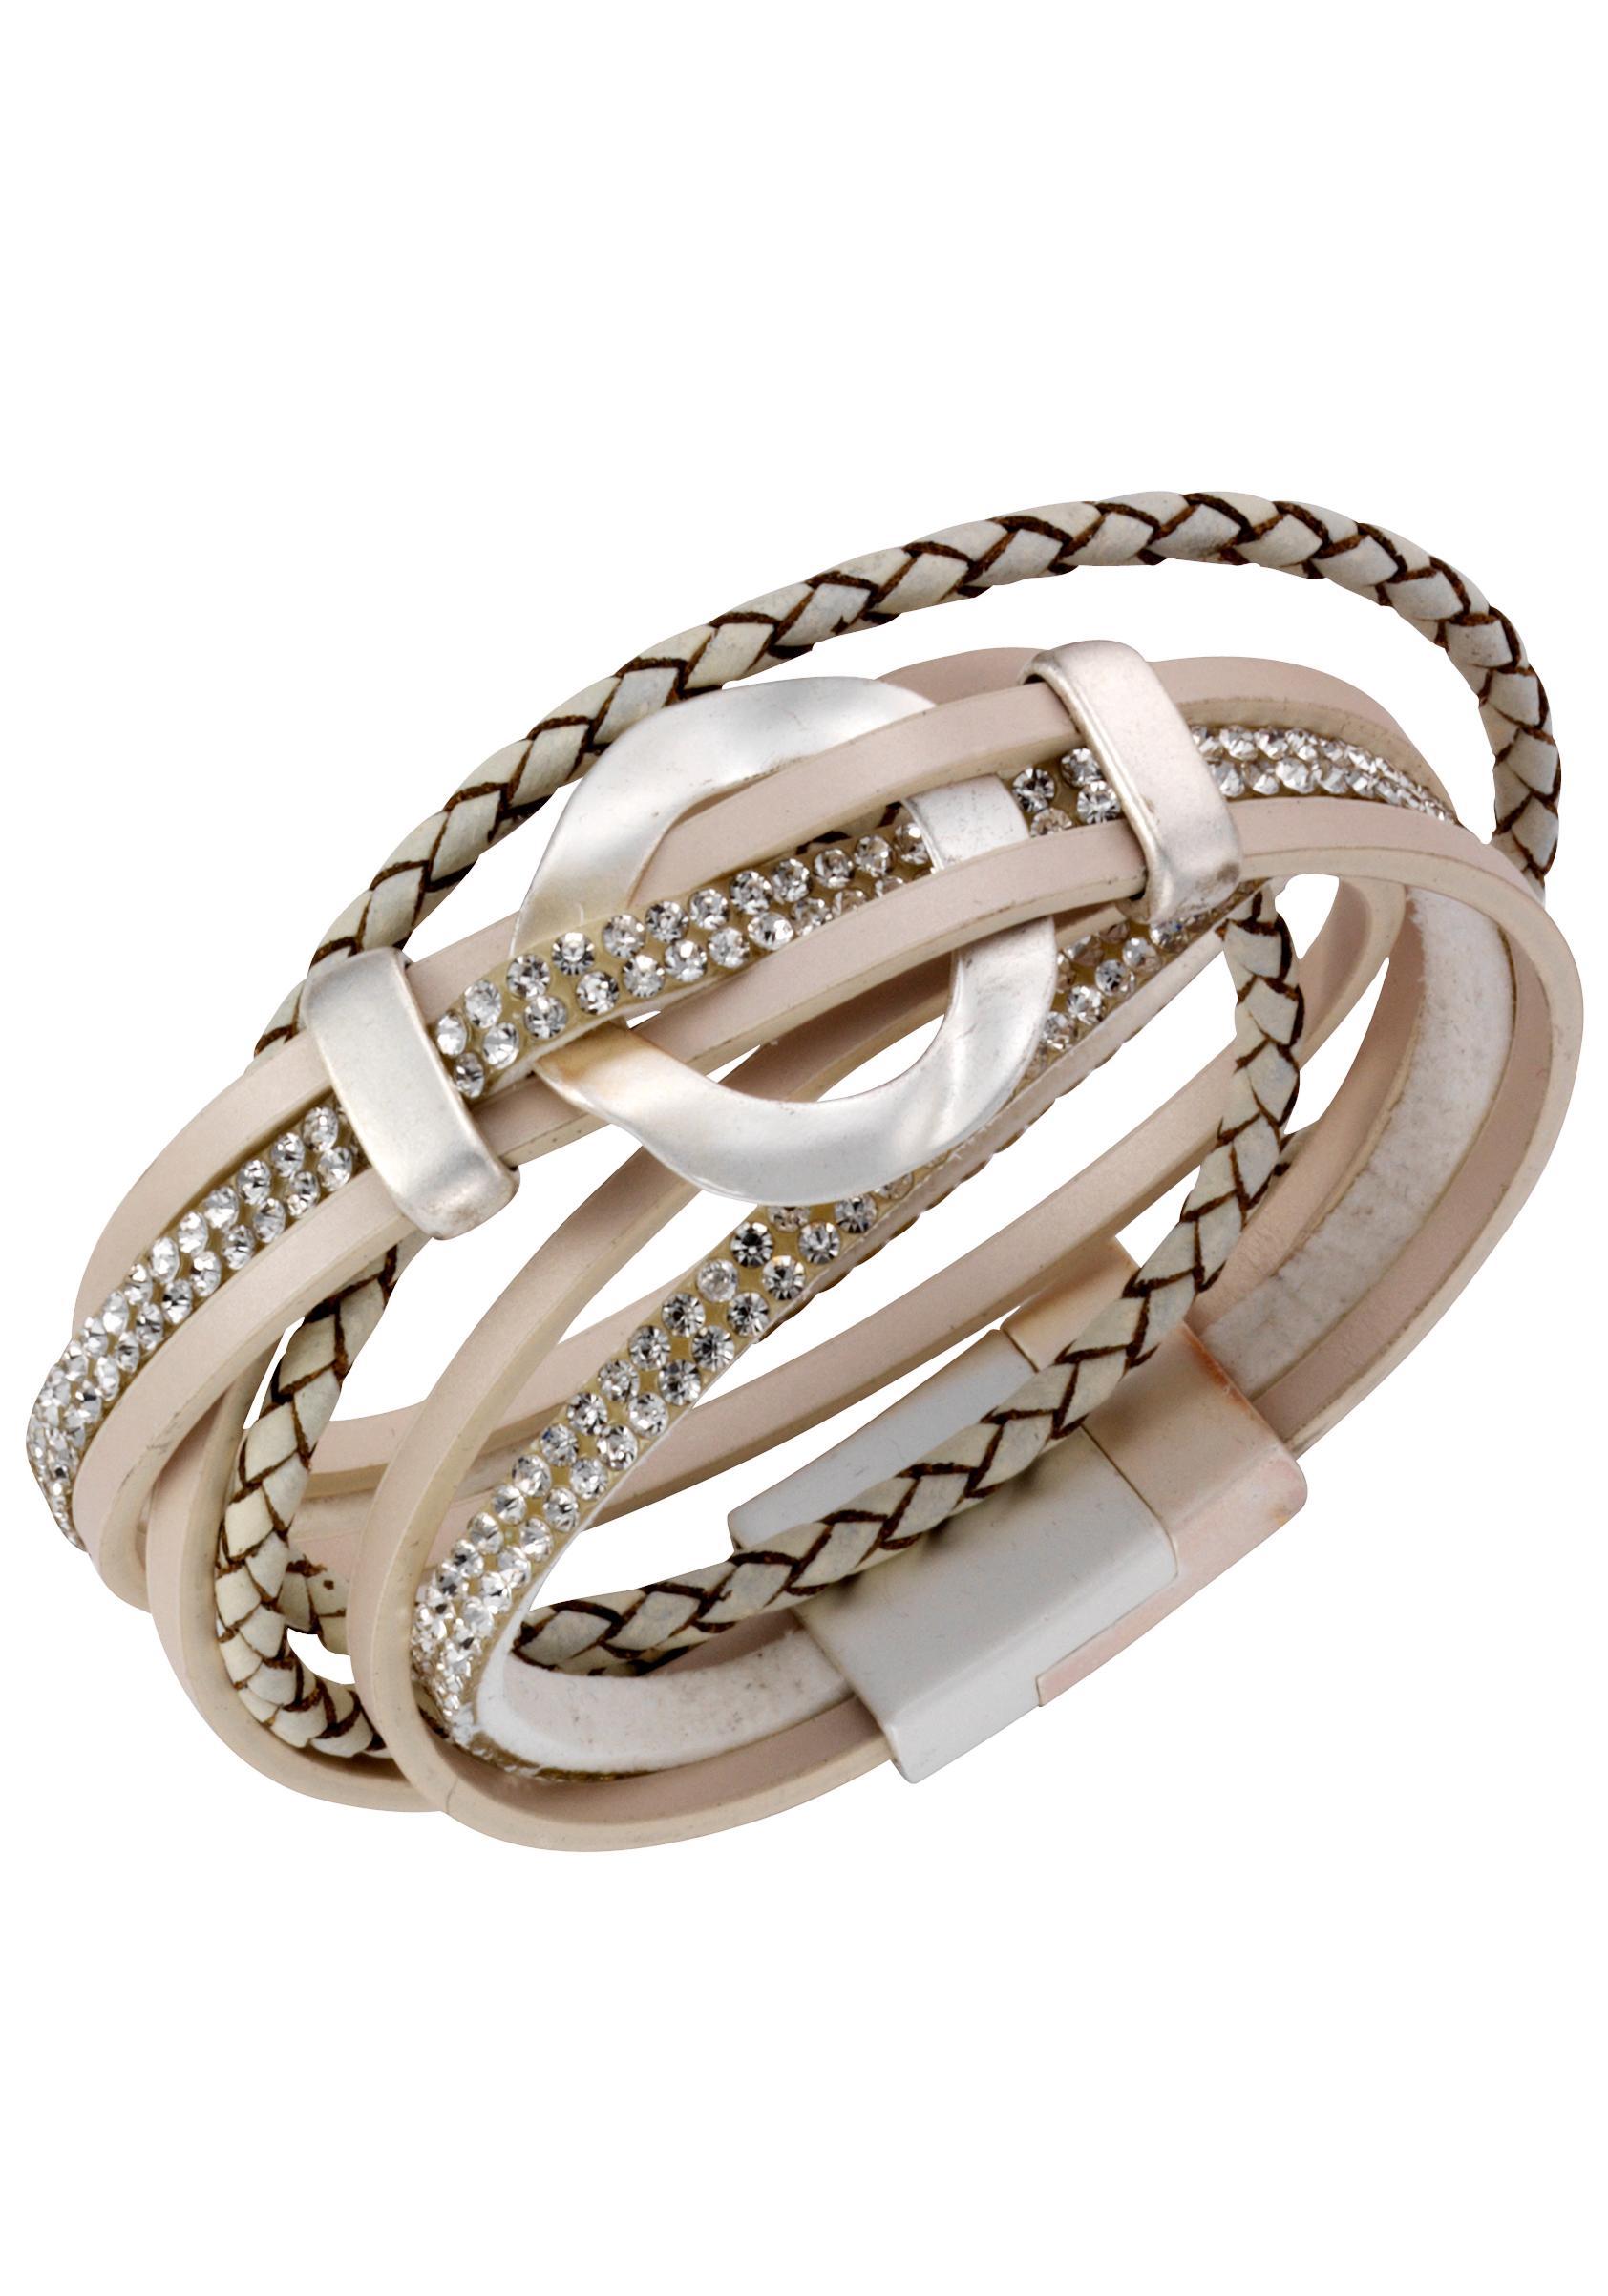 JJayz Wickelarmband stylisch teilweise geflochten | Schmuck > Armbänder > Wickelarmbänder | J.Jayz